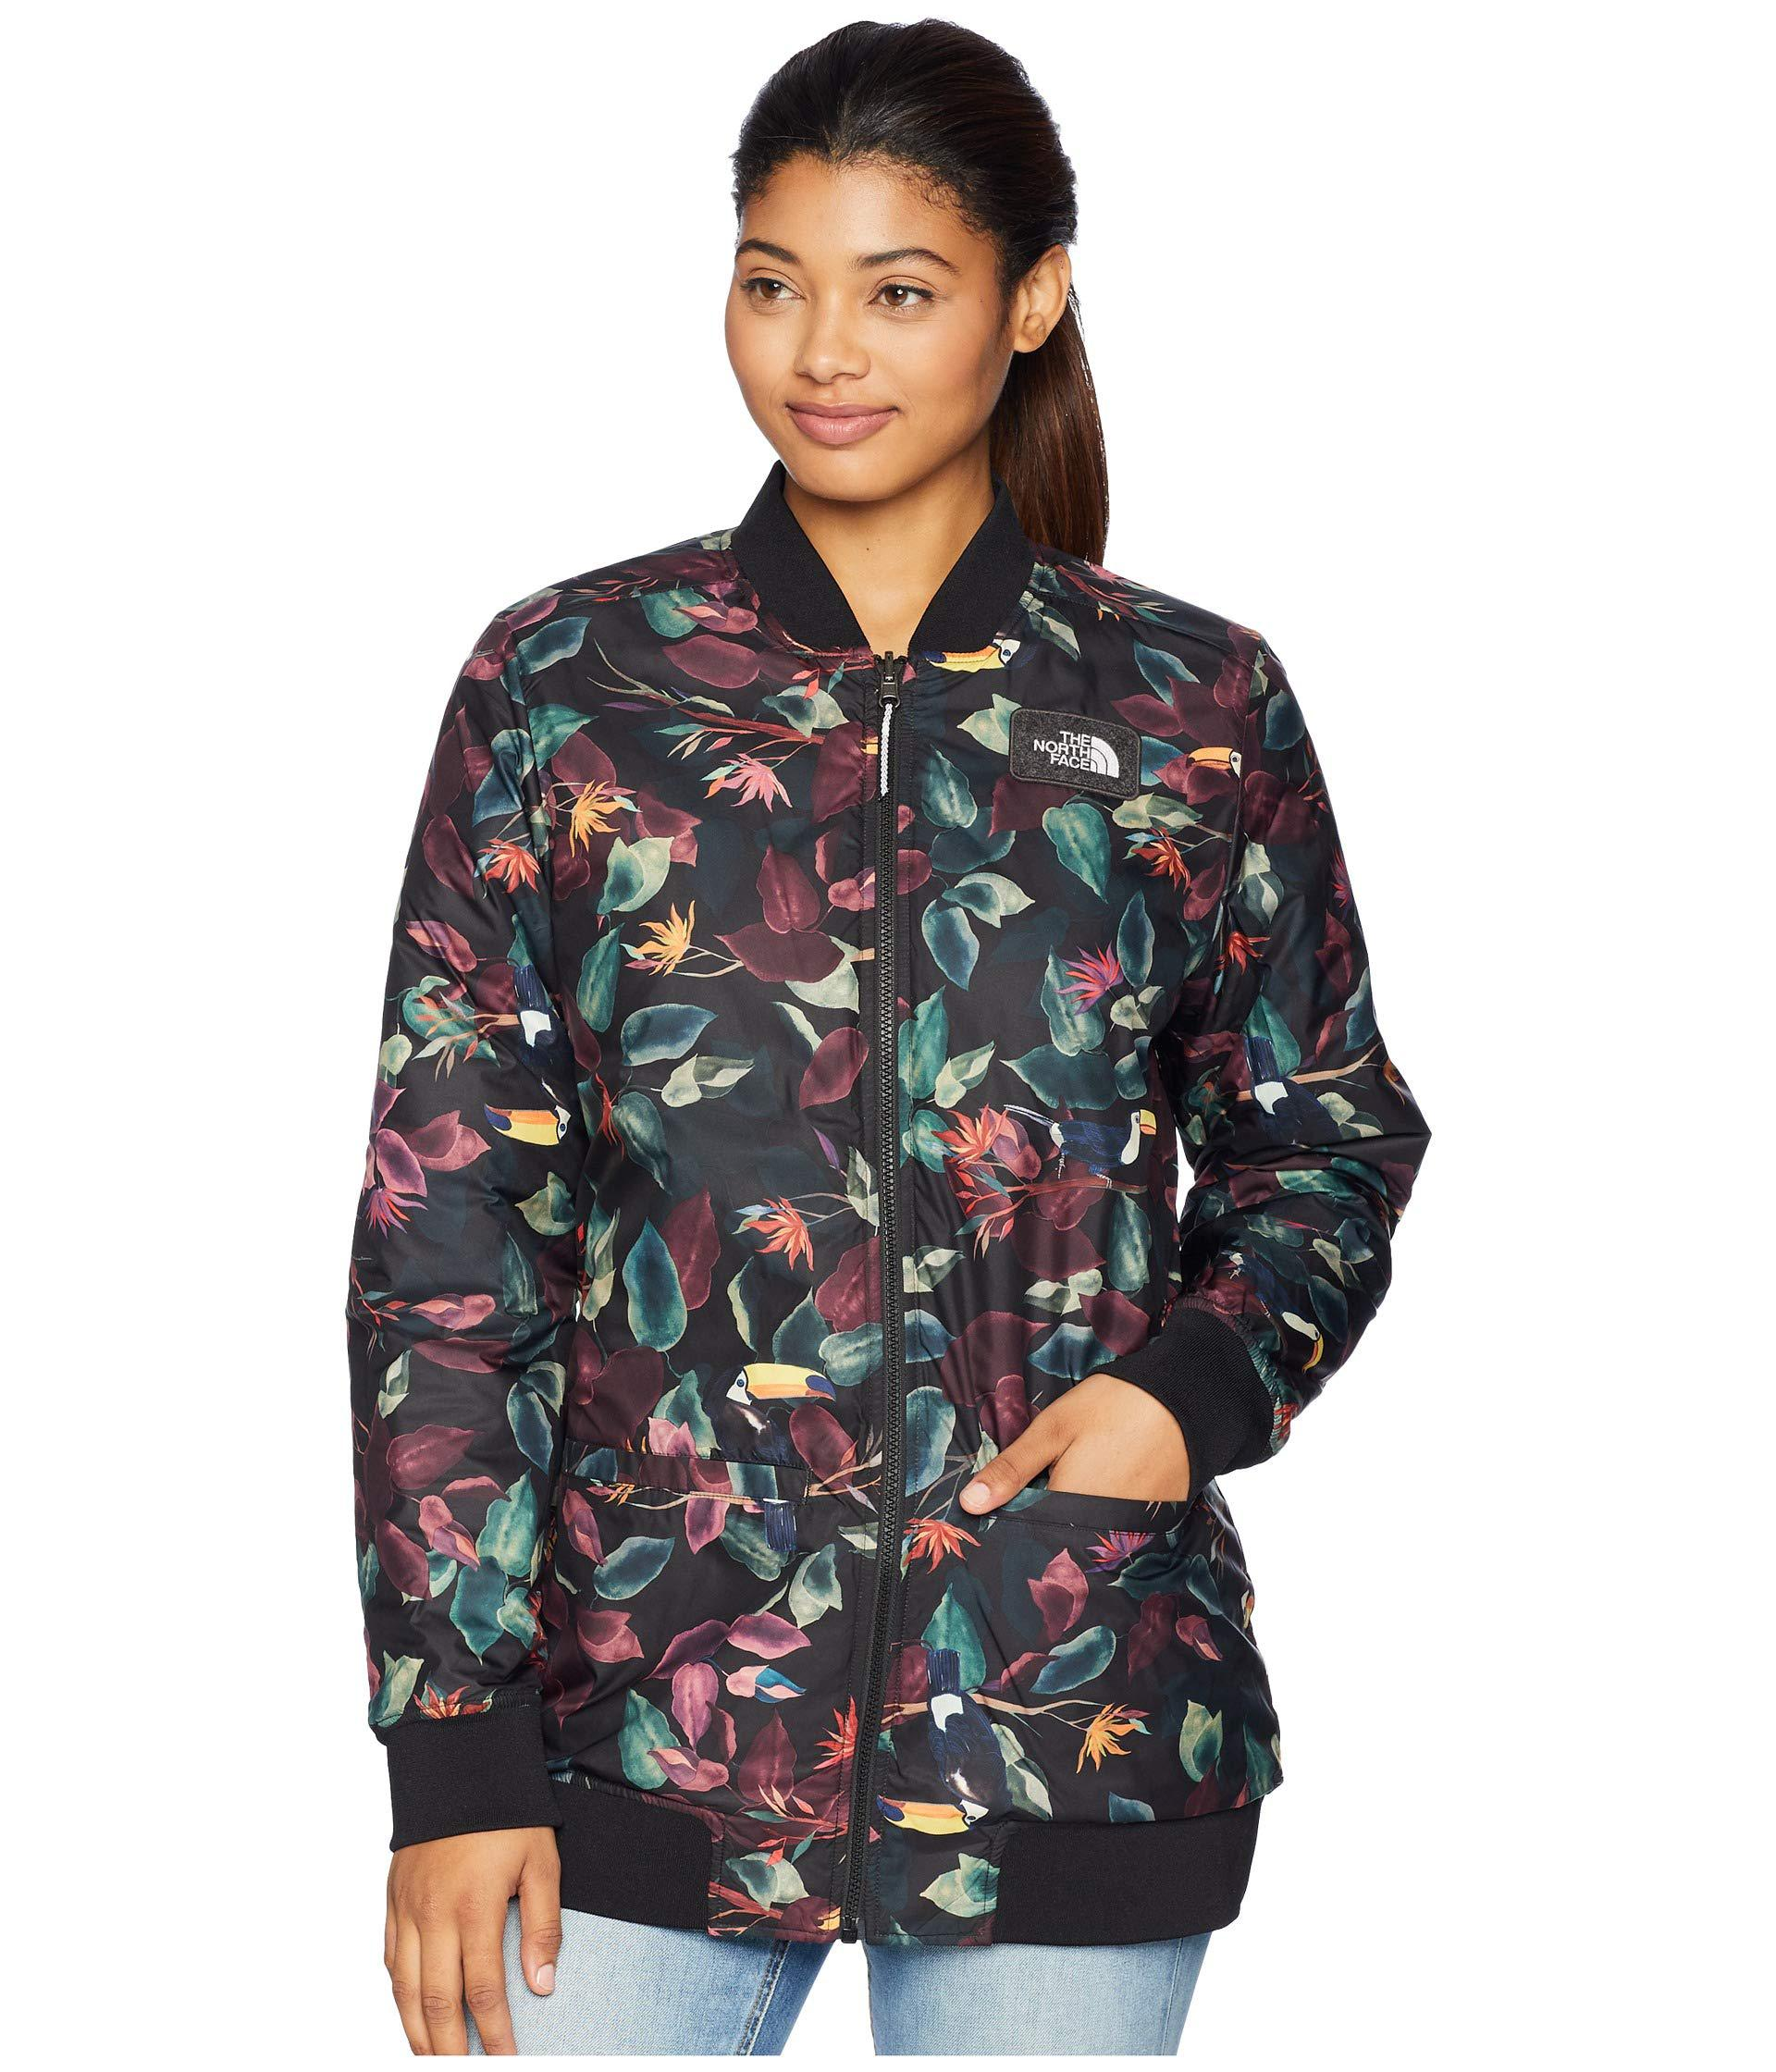 517d01465 Women's Jester Bomber (tnf Black) Coat